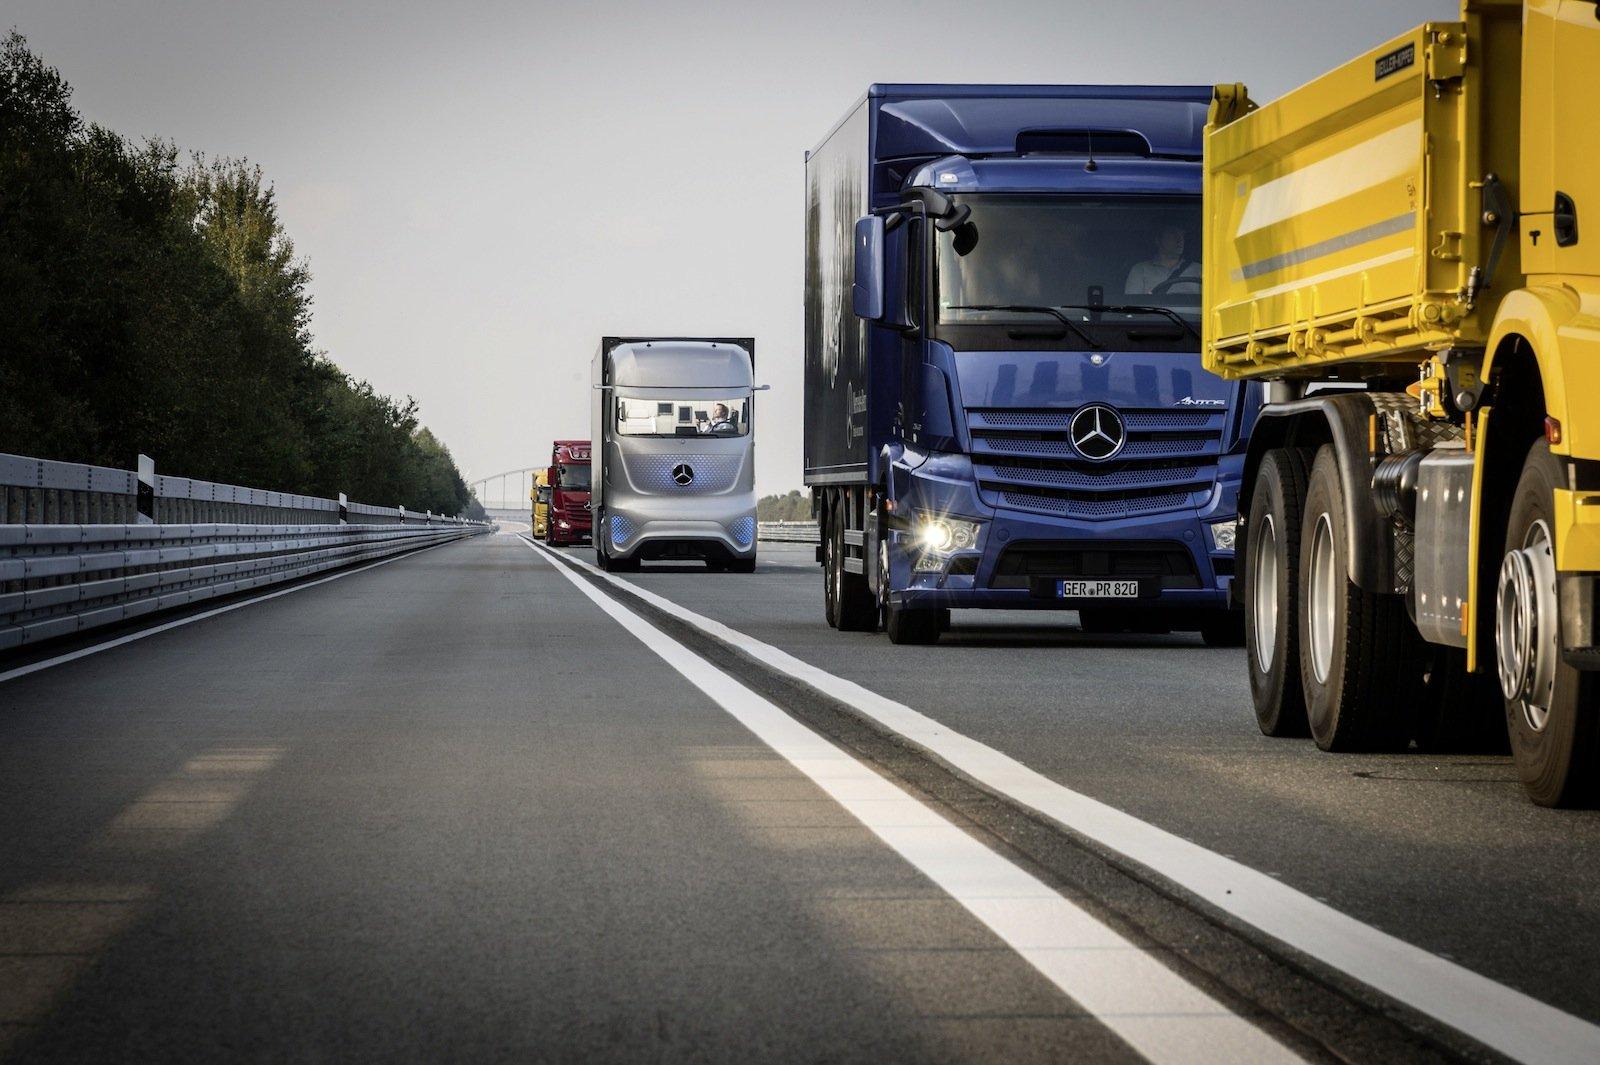 Hierzulande sitzen noch die Lkw-Fahrer im Führerhaus. In den USA wird bereits darüber nachgedacht, eine Autobahn speziell für autonom fahrende Trucks zu bauen. Ob und wann aus der Vision Realität wird steht allerdings noch nicht fest.